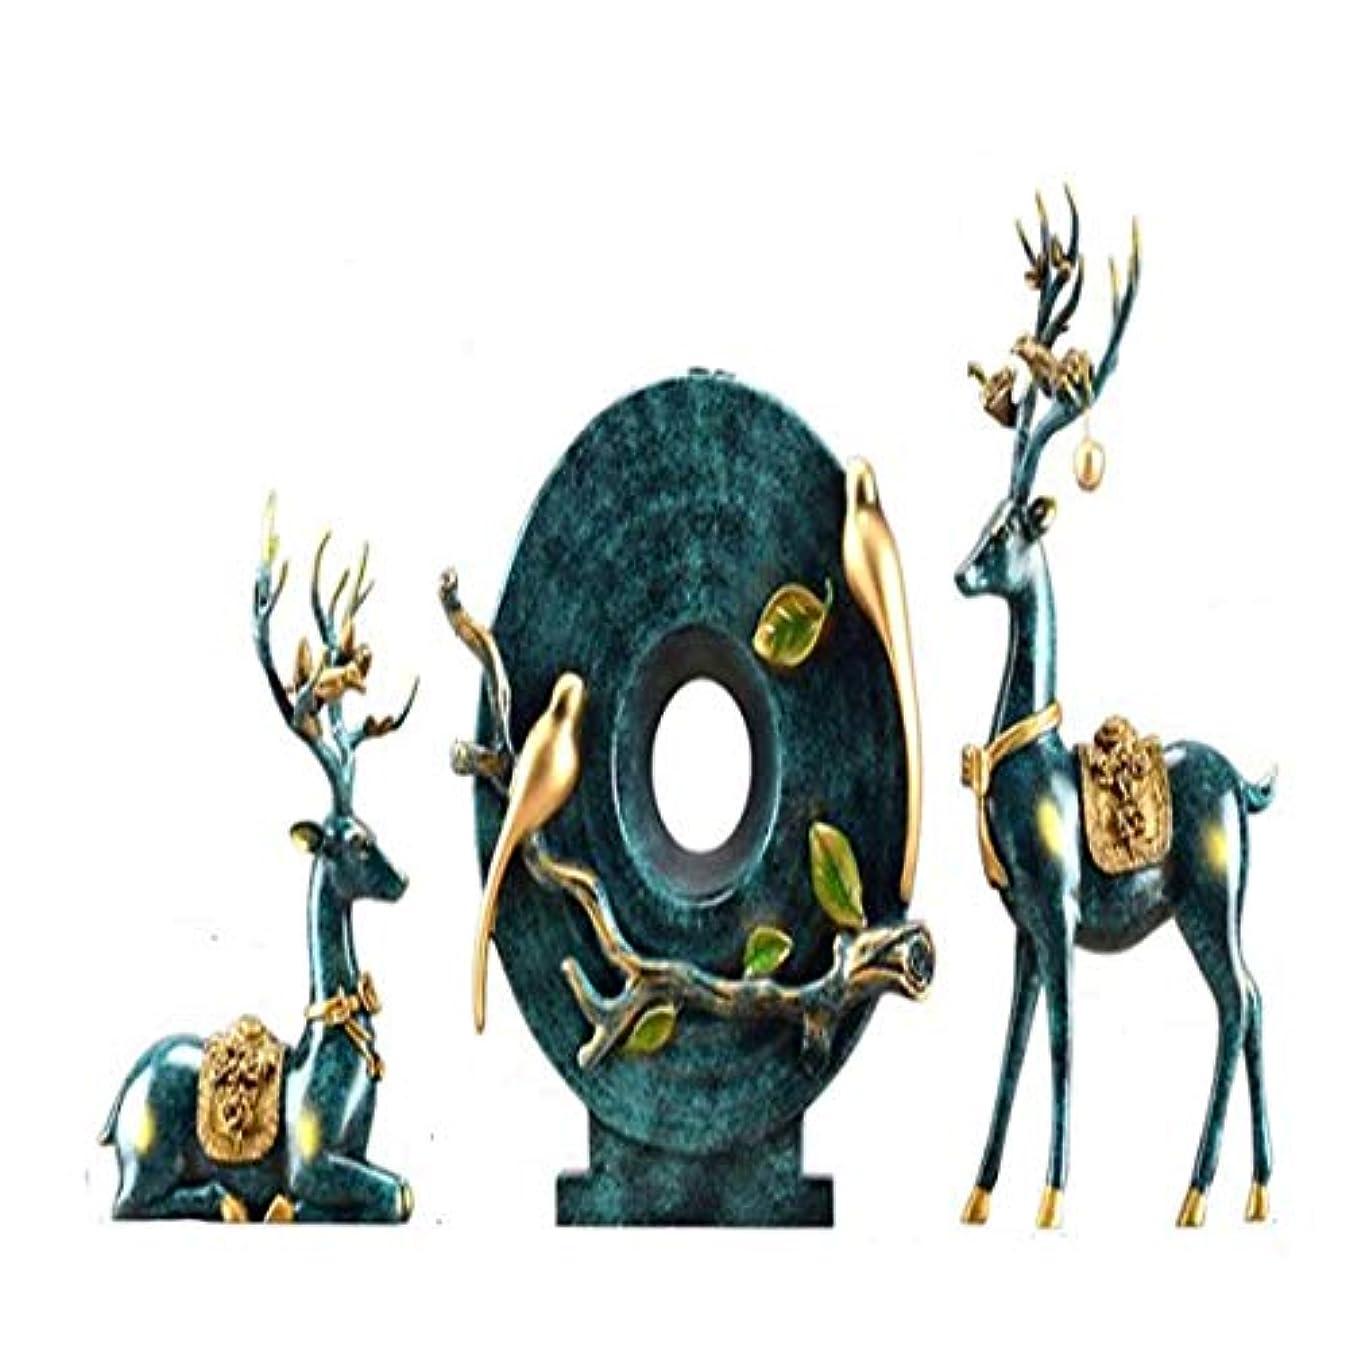 セットアップ義務的他にFengshangshanghang クリエイティブアメリカン鹿の装飾品花瓶リビングルーム新しい家の結婚式のギフトワインキャビネットテレビキャビネットホームソフト装飾家具,家の装飾 (Color : A)